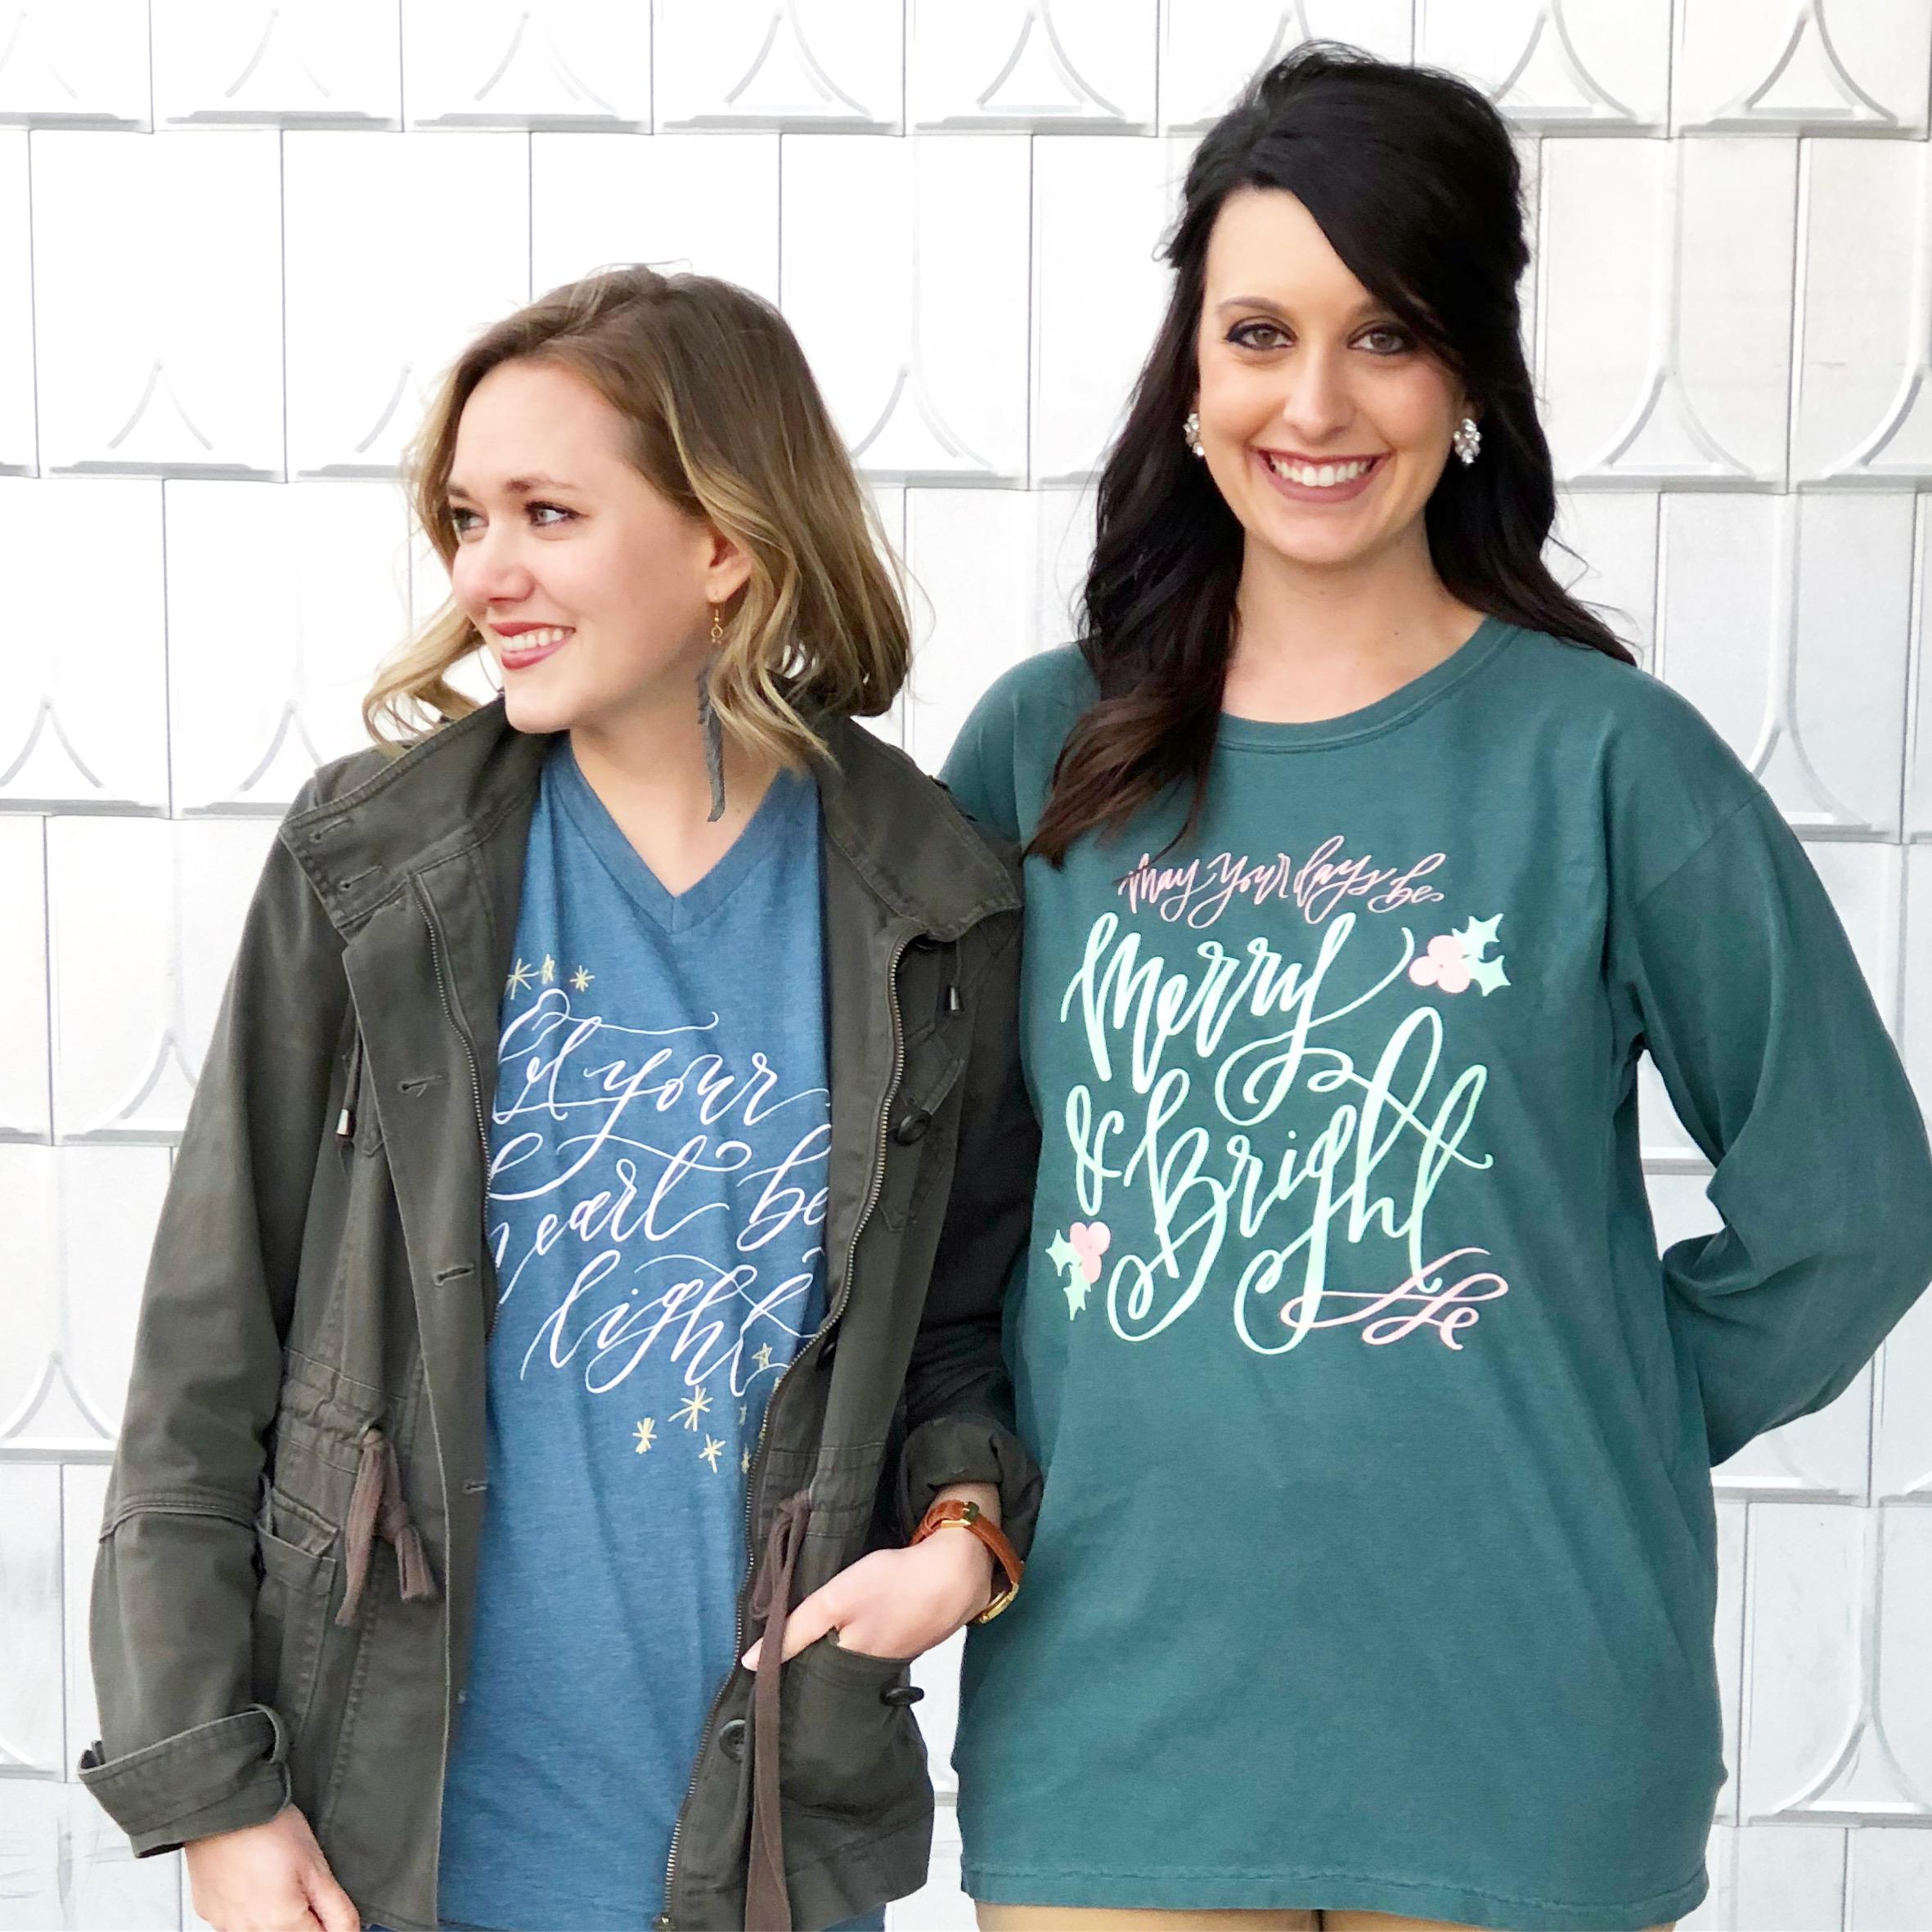 ConnarJoyCalligraphy_both Christmas shirts.JPG